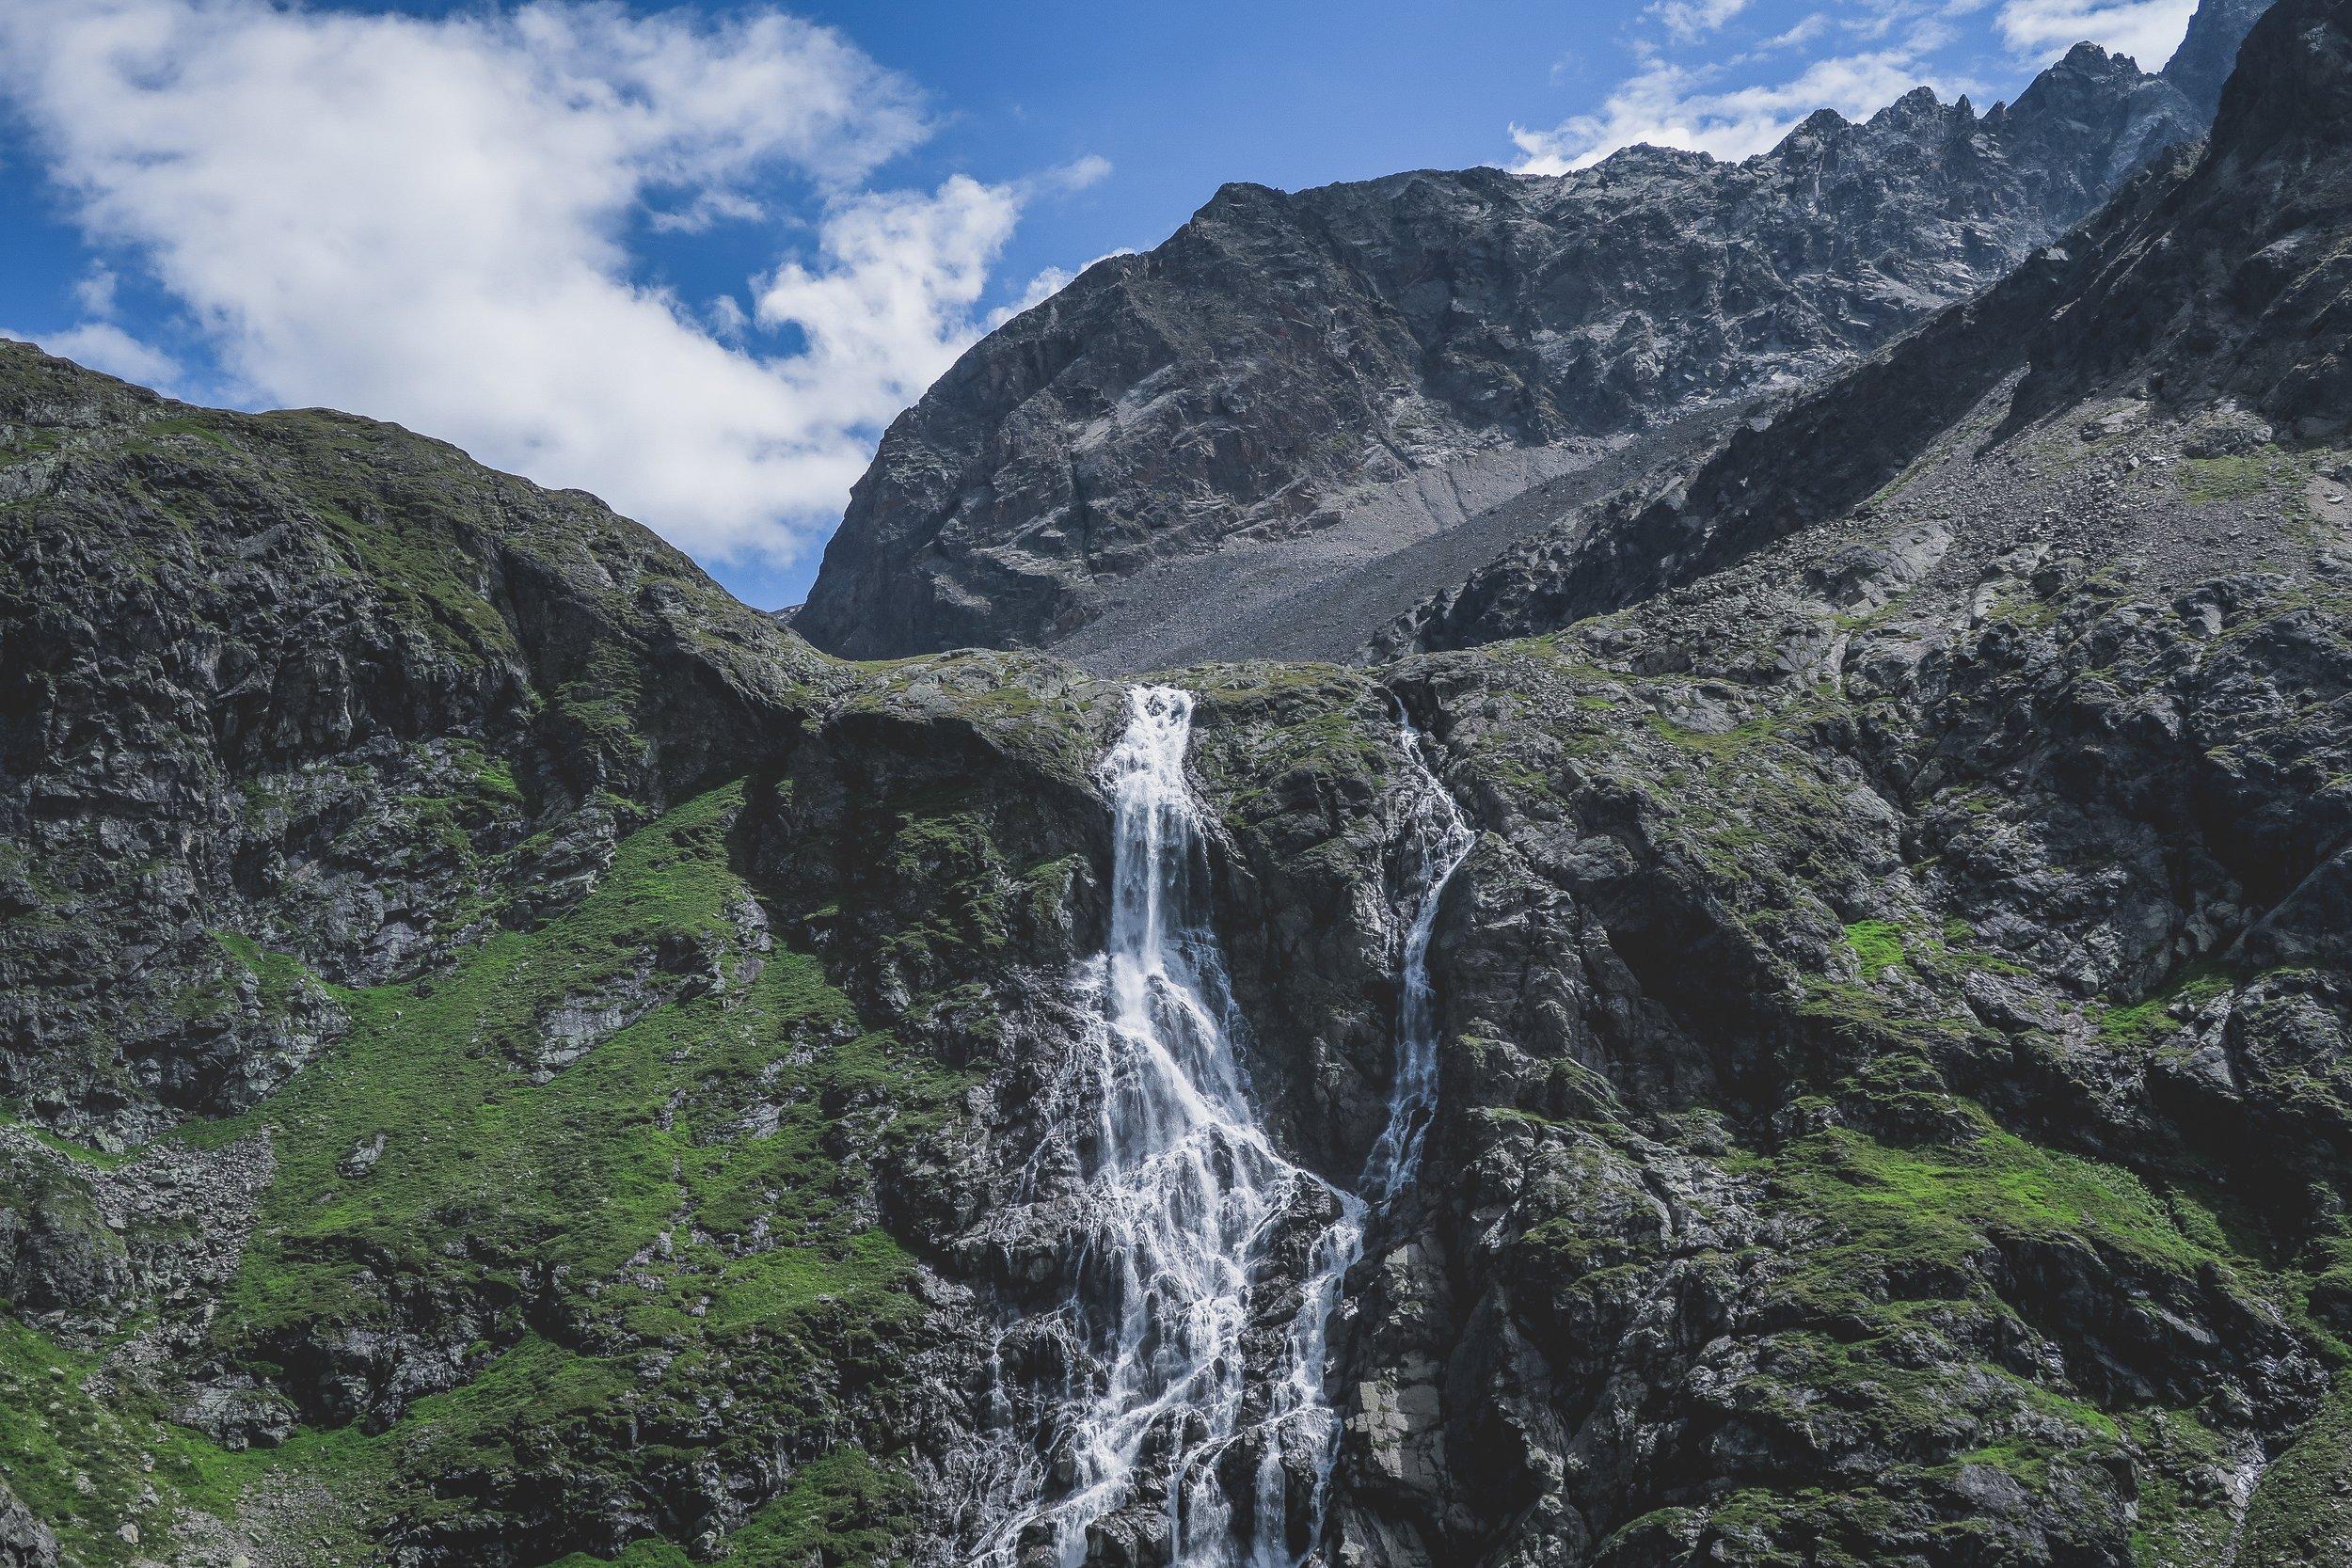 Wasserfall, Ötztal, Winnebachseehütte.jpg